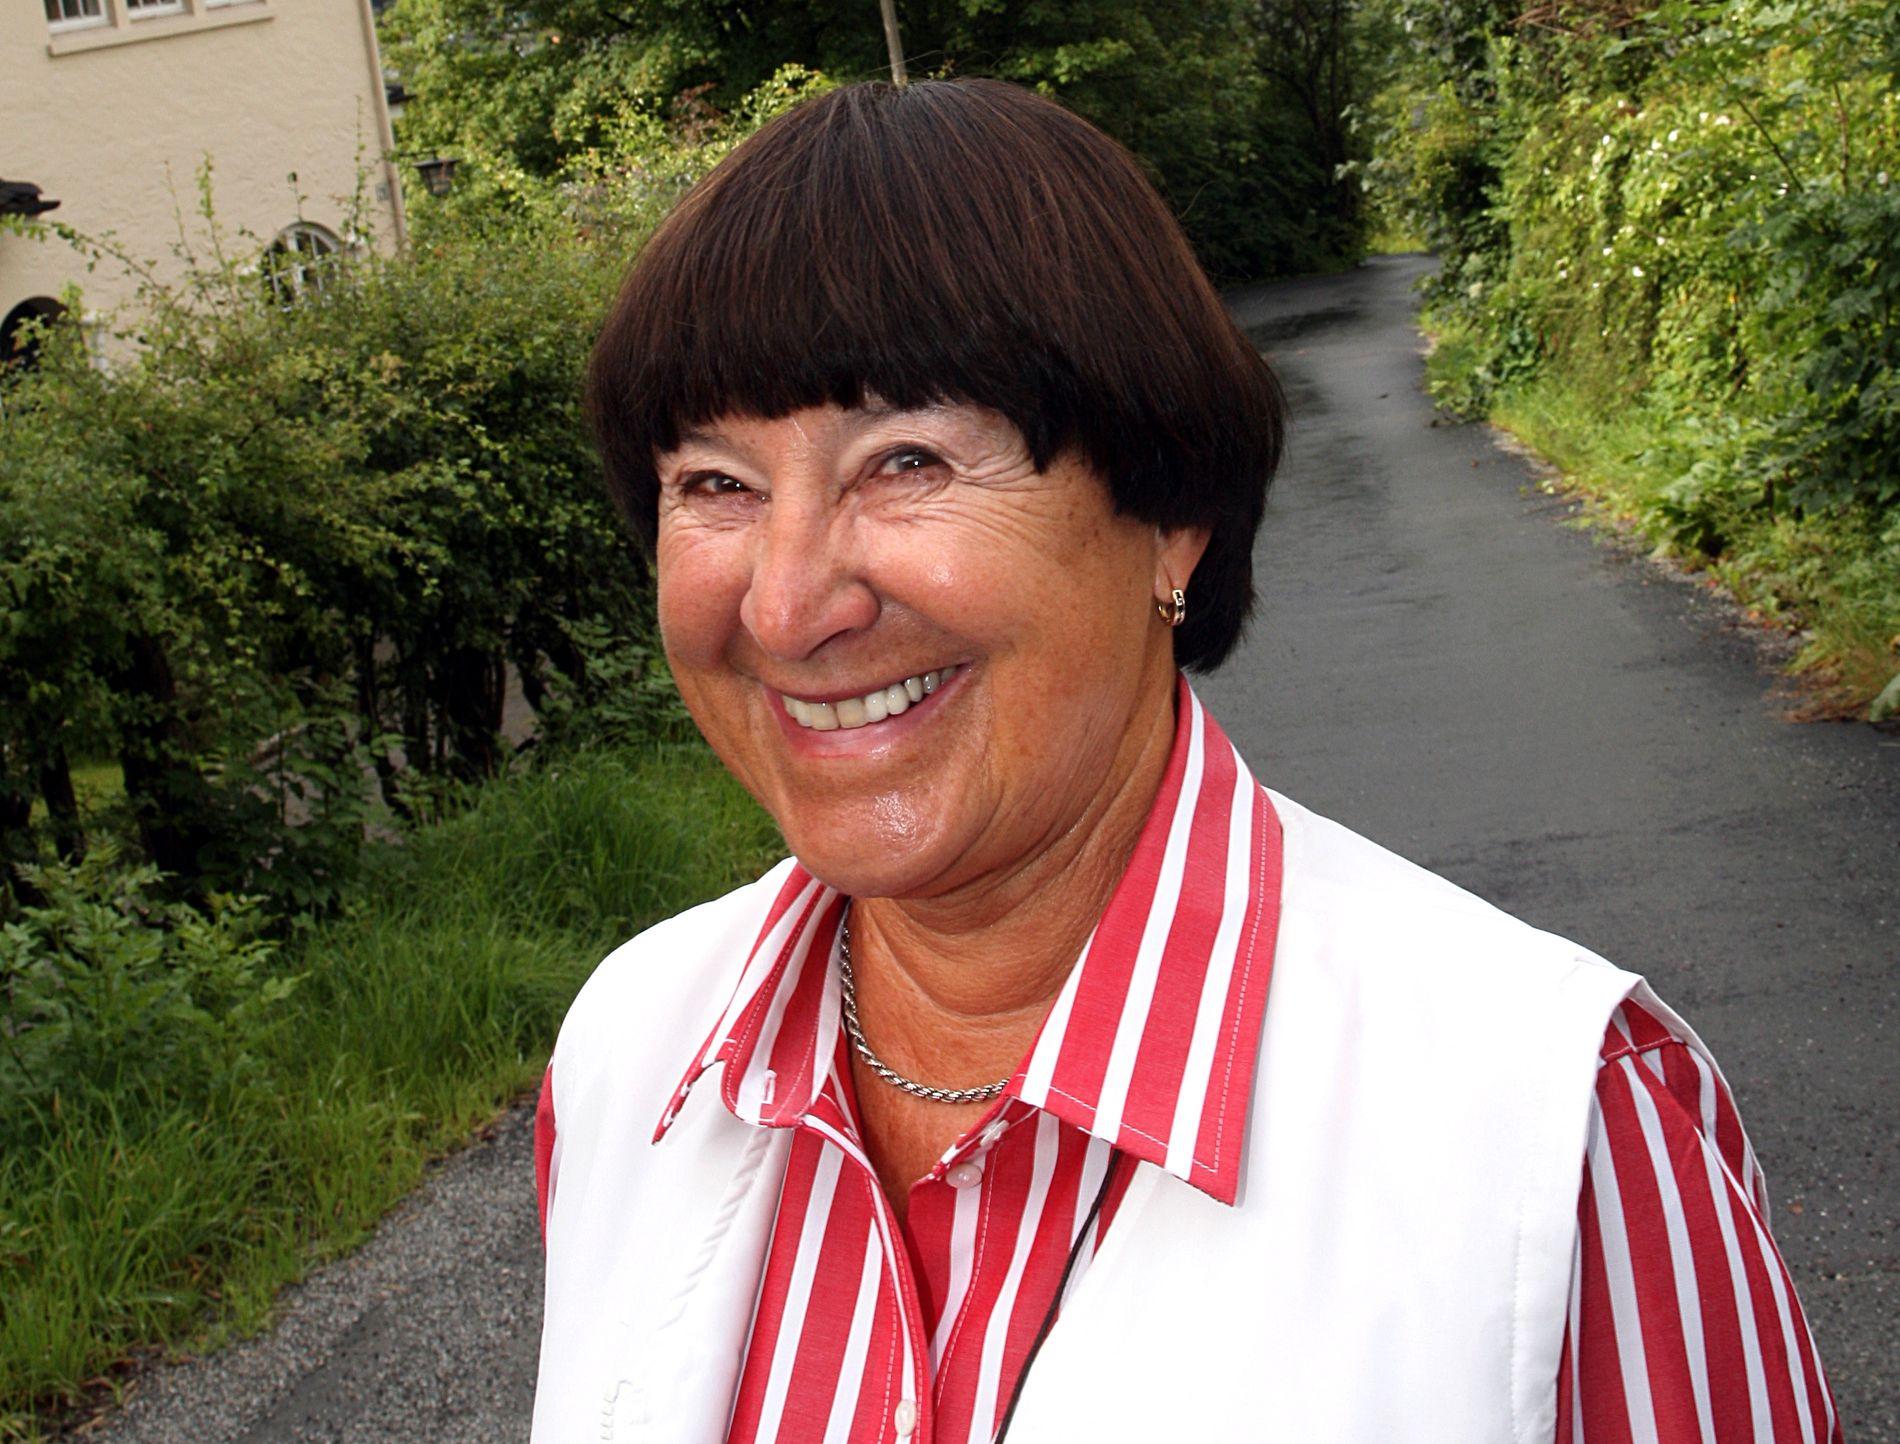 TIL BERGEN I 1958:  Foreldrene mine likte min norske venn, men hadde nok helst sett at jeg fant meg en kjekk gutt fra nærmiljøet, skriver Gerda Moter Erichsen.